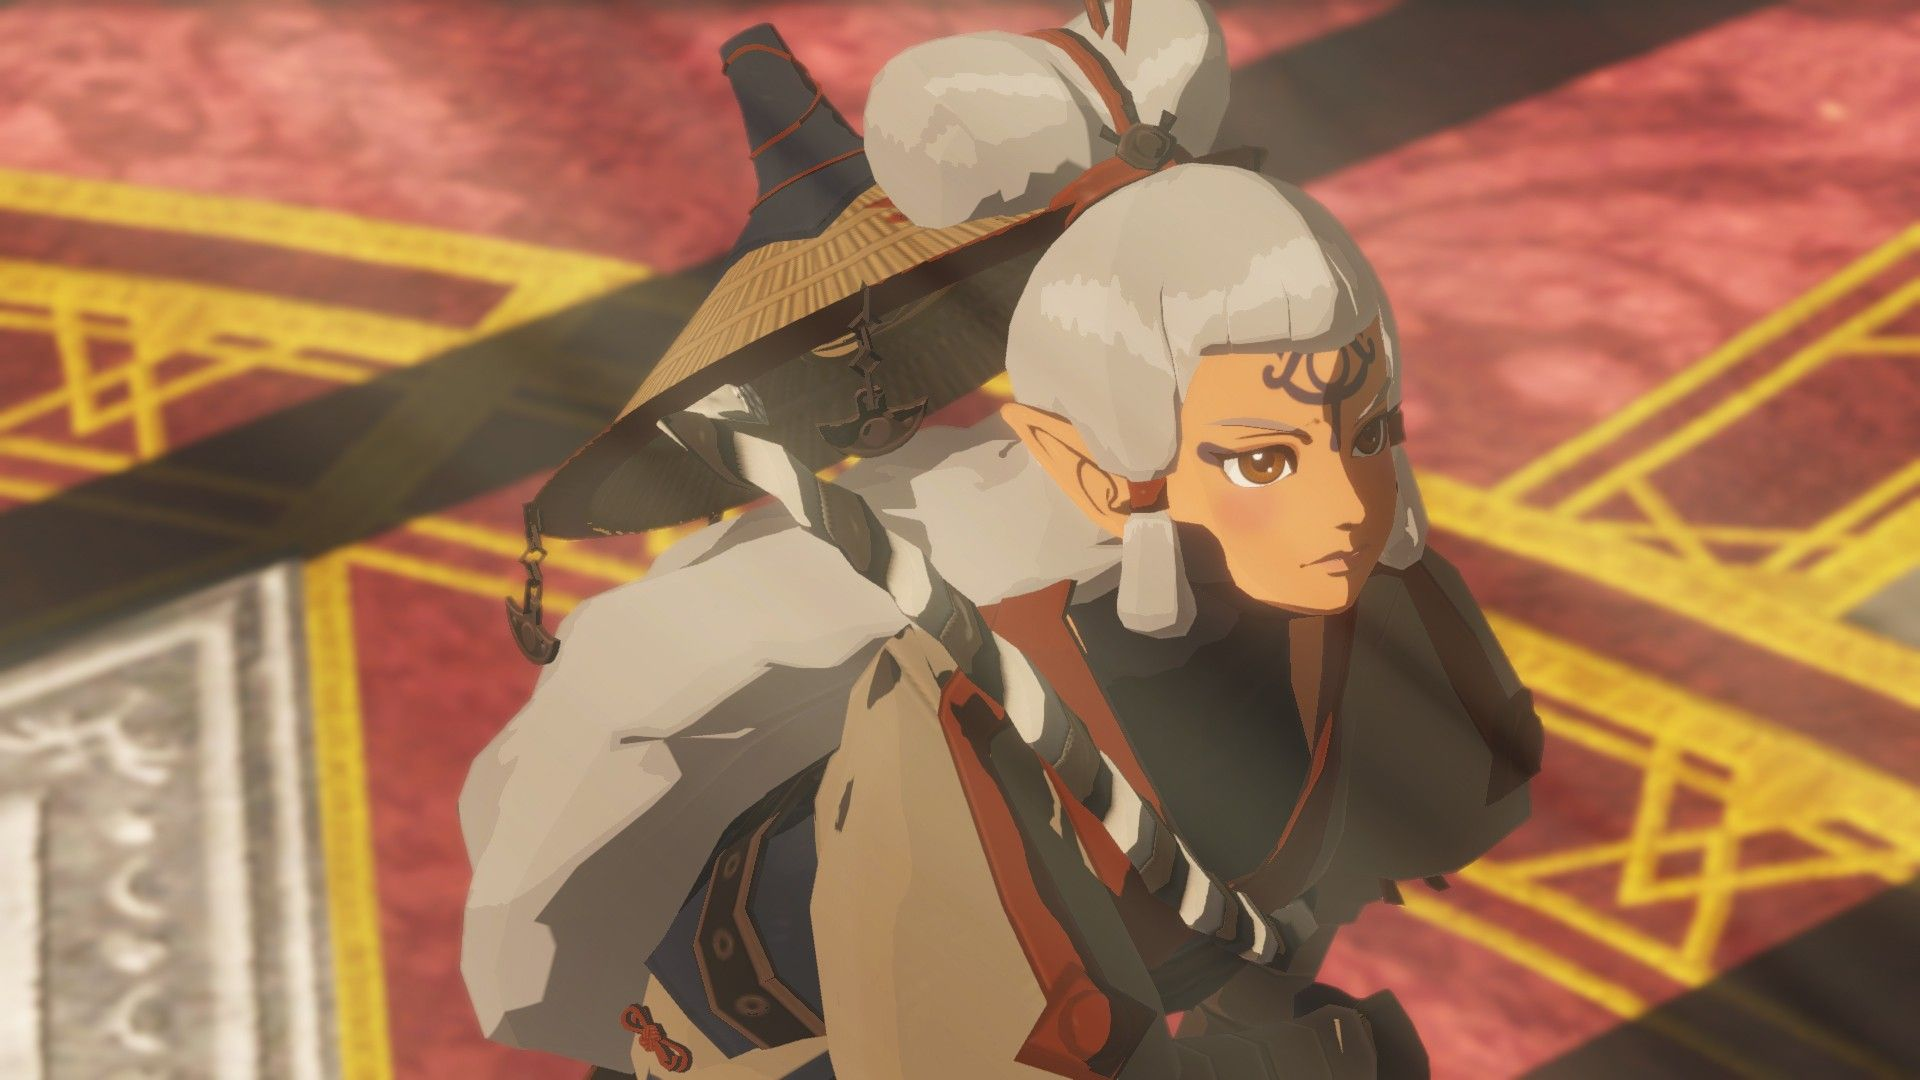 НˆðŒðð€ Age Of Calamity Zelda Hyrule Warriors Hyrule Warriors Legend Of Zelda